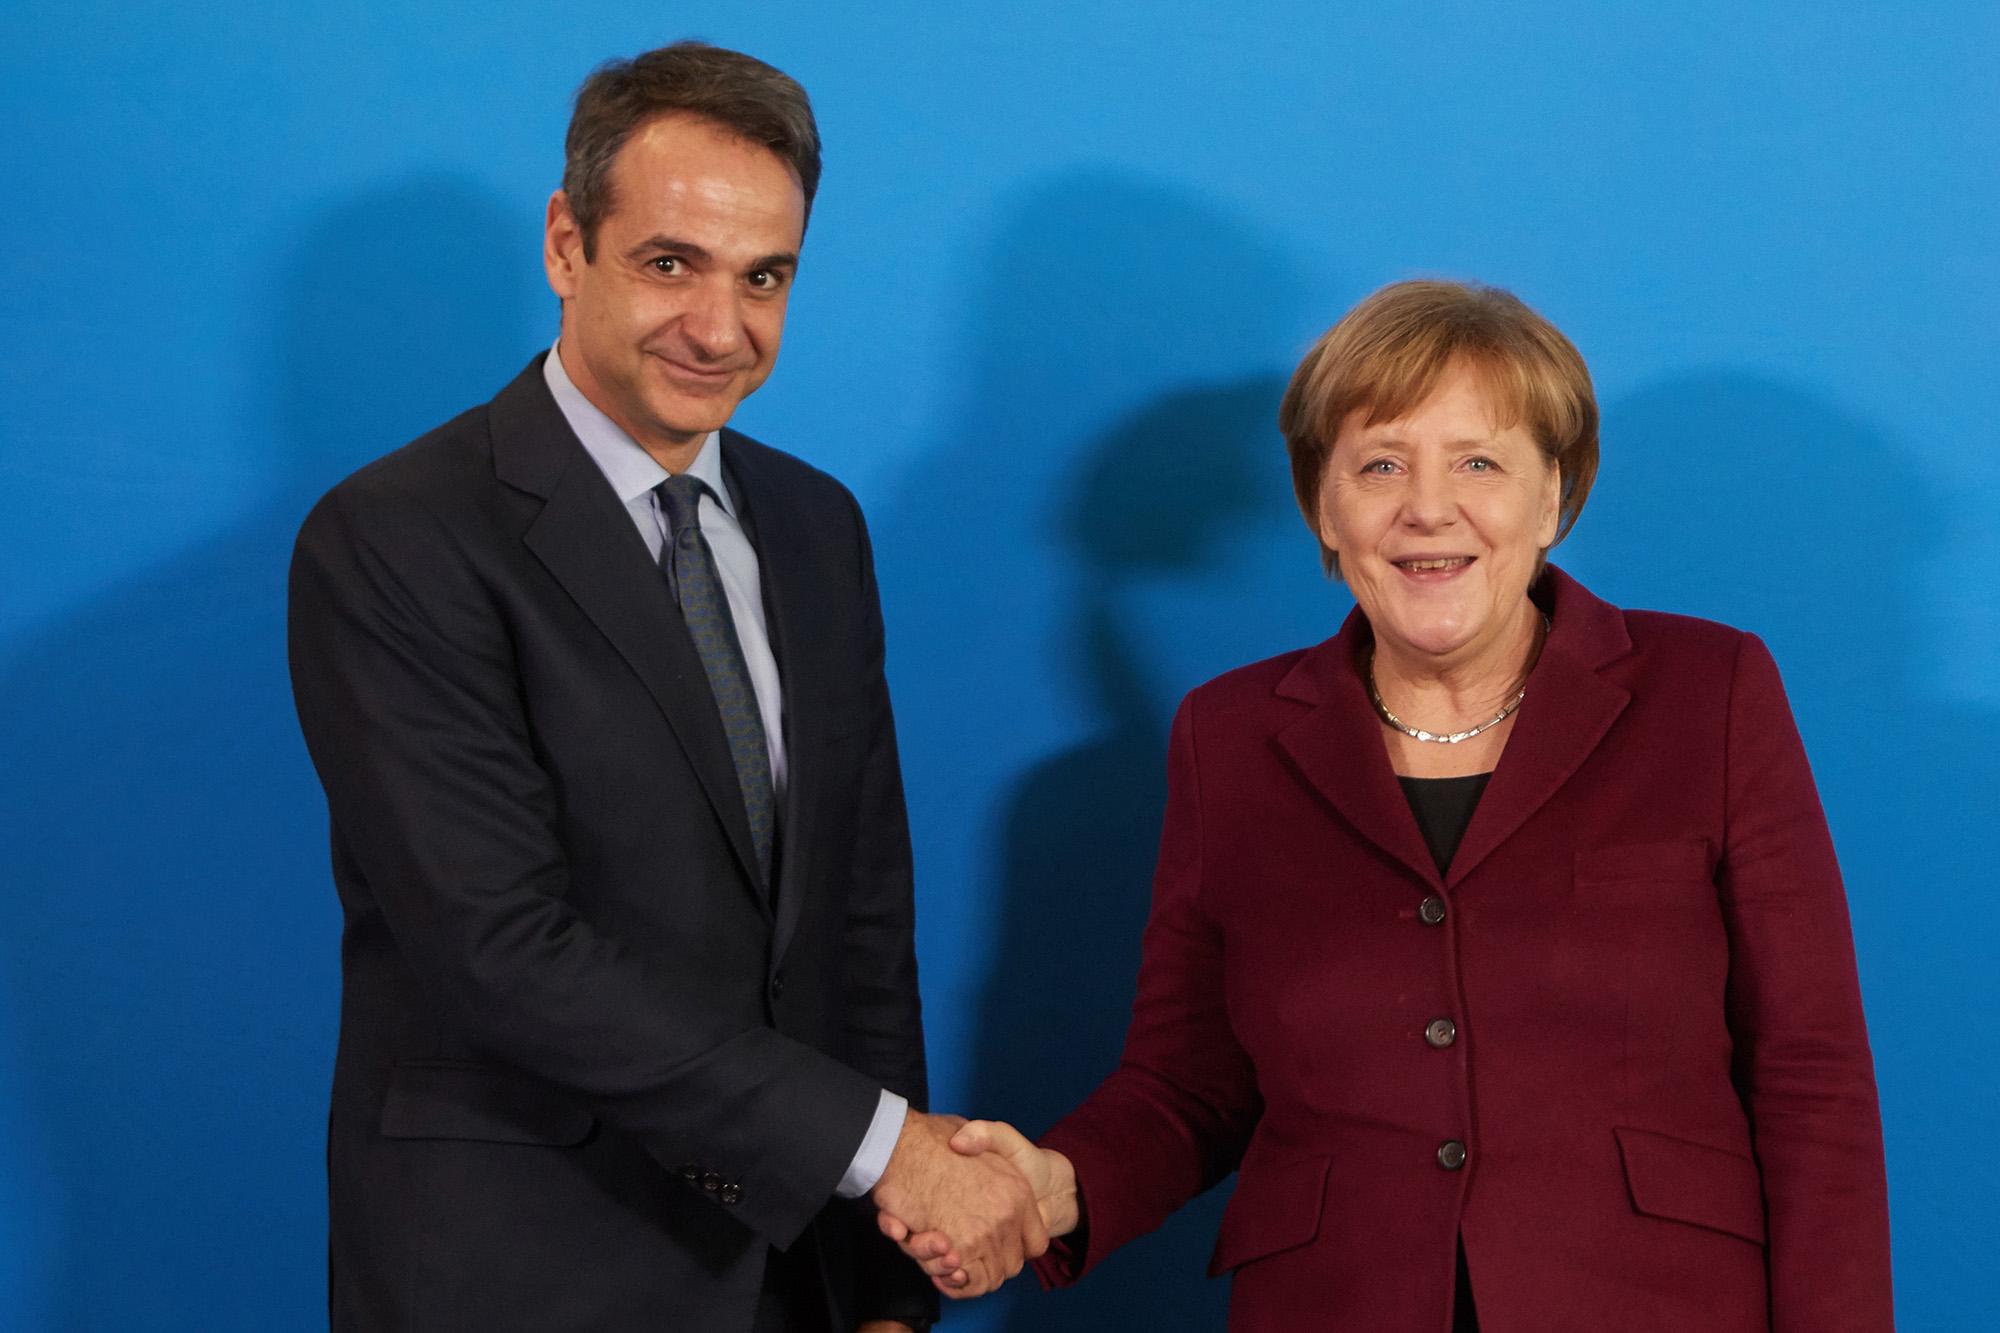 Ελλάδα: Σε Γερμανία και Αυστρία ο Μητσοτάκης